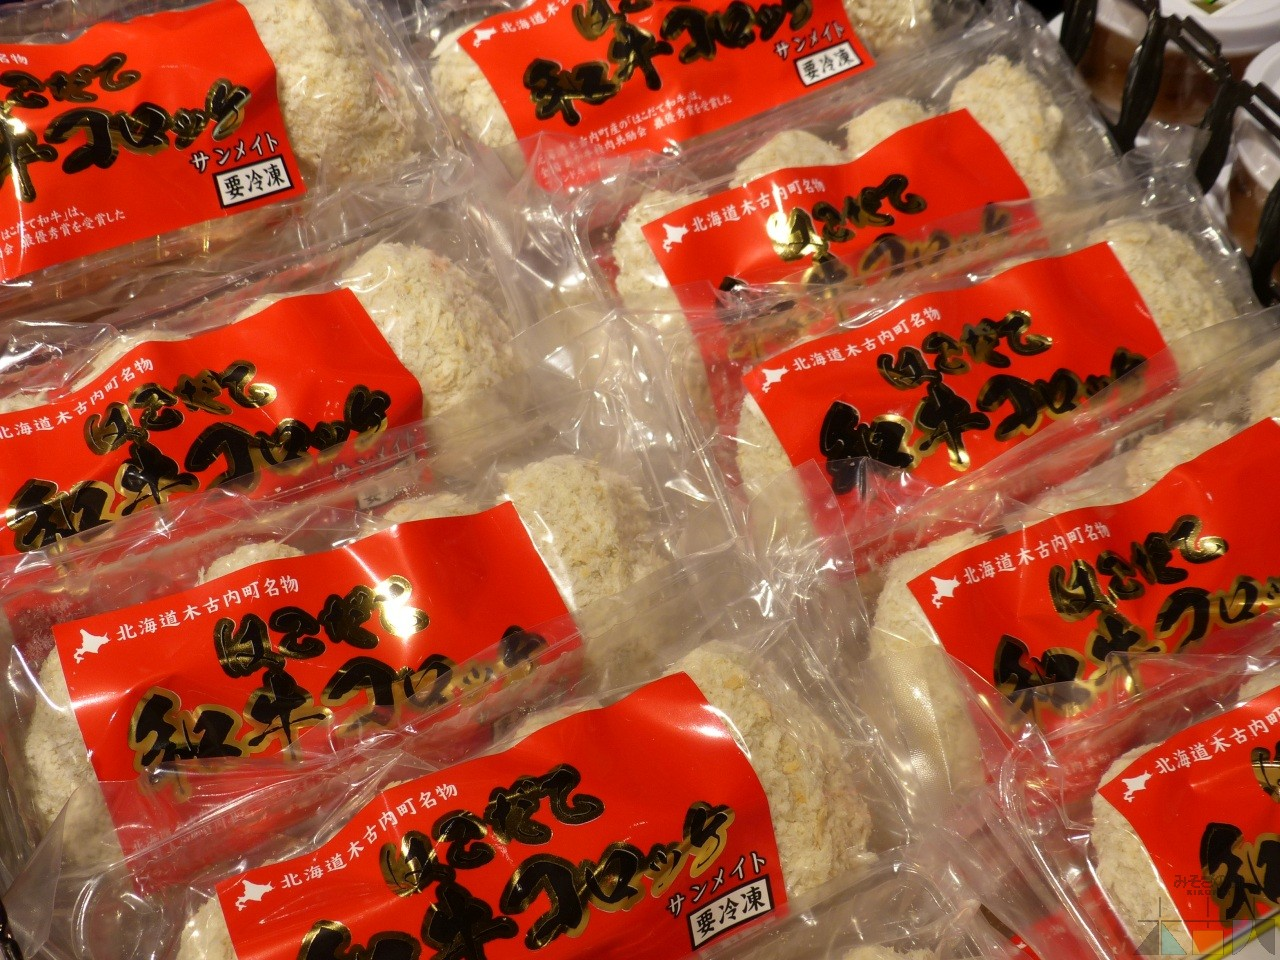 キッチンキーコの人気商品 『はこだて和牛コロッケ』をご家庭でも!